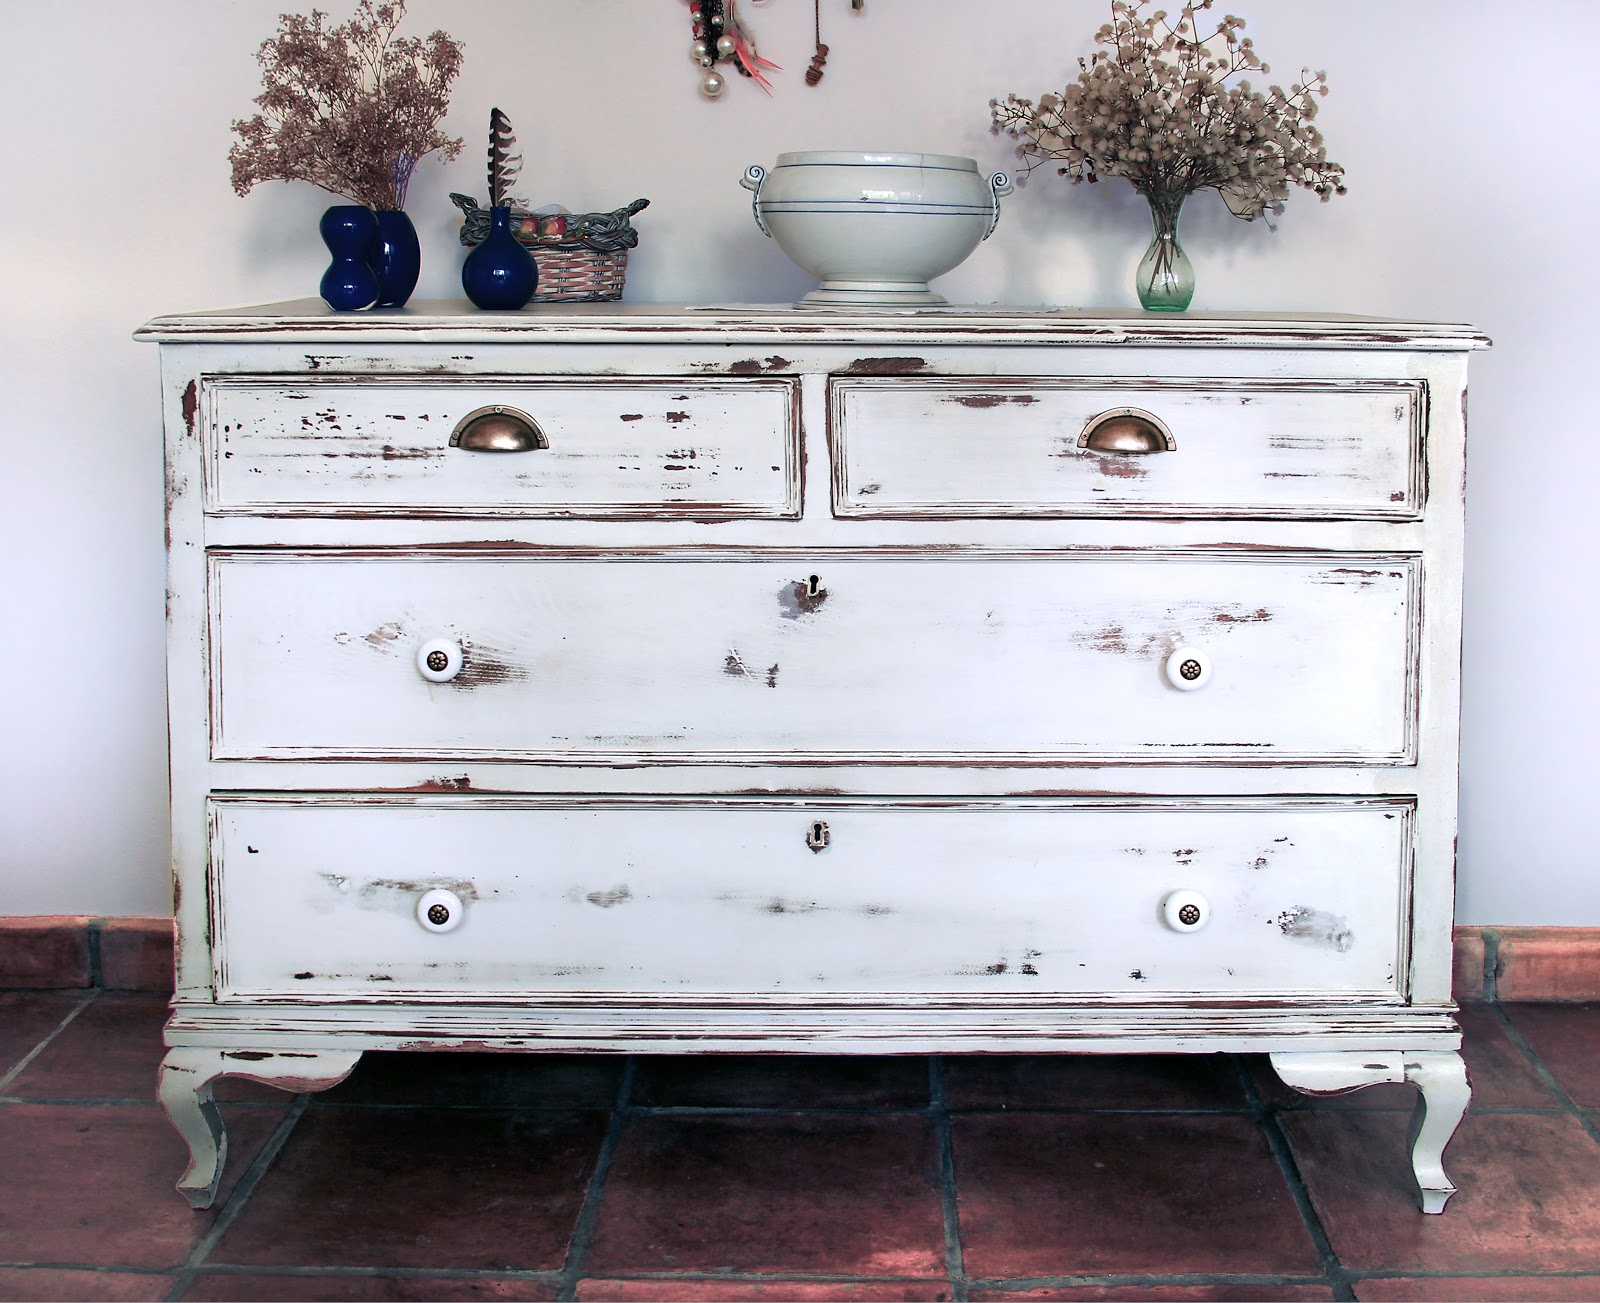 Dkp muebles shabby chic c moda en blanco - Muebles la comoda ...